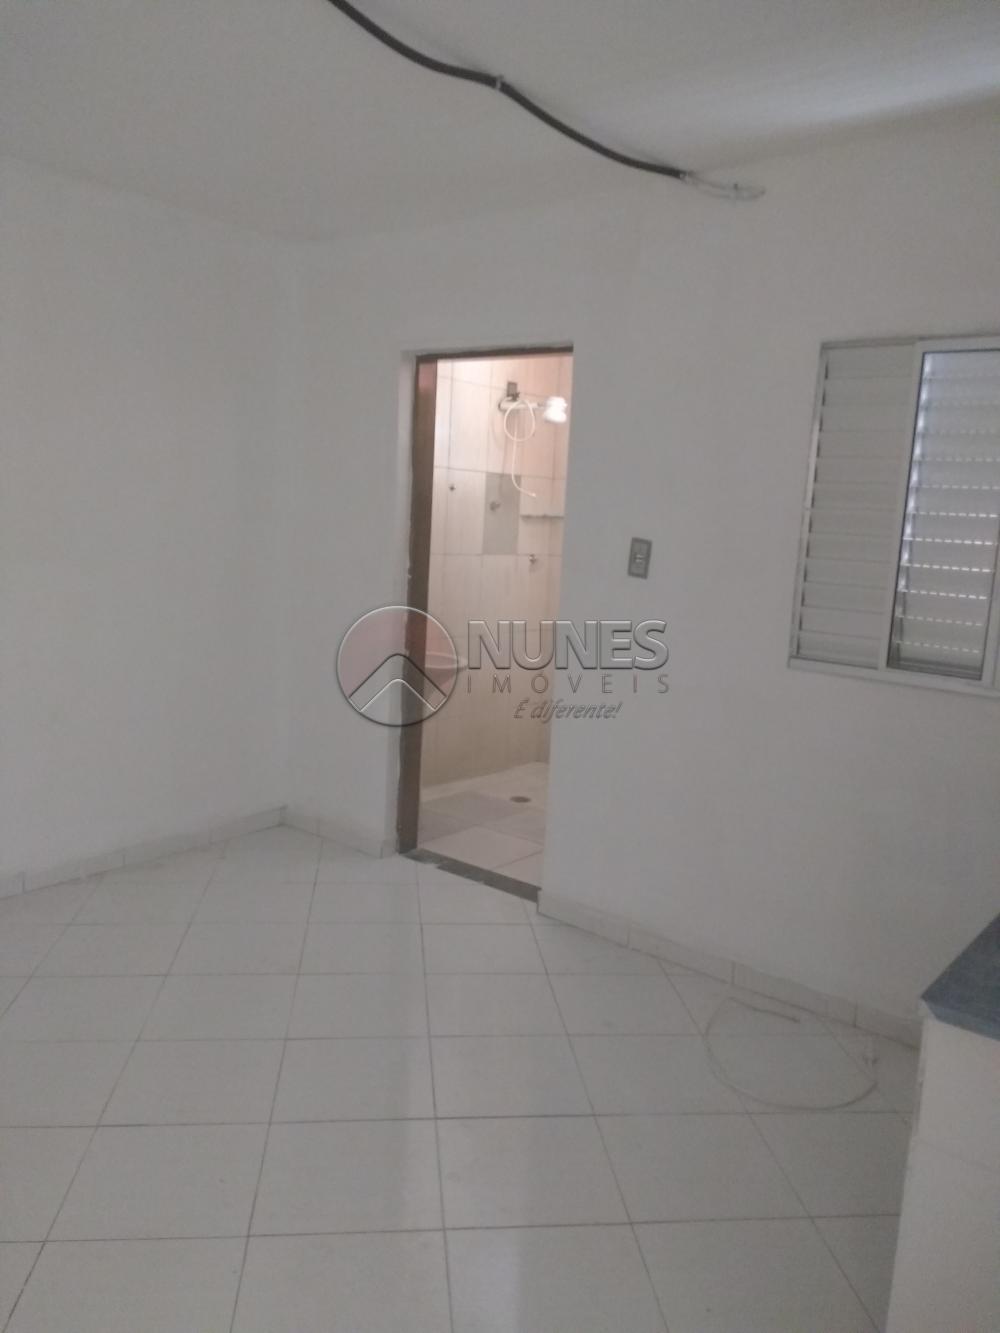 Comprar Casa / Imovel para Renda em Carapicuíba apenas R$ 250.000,00 - Foto 4